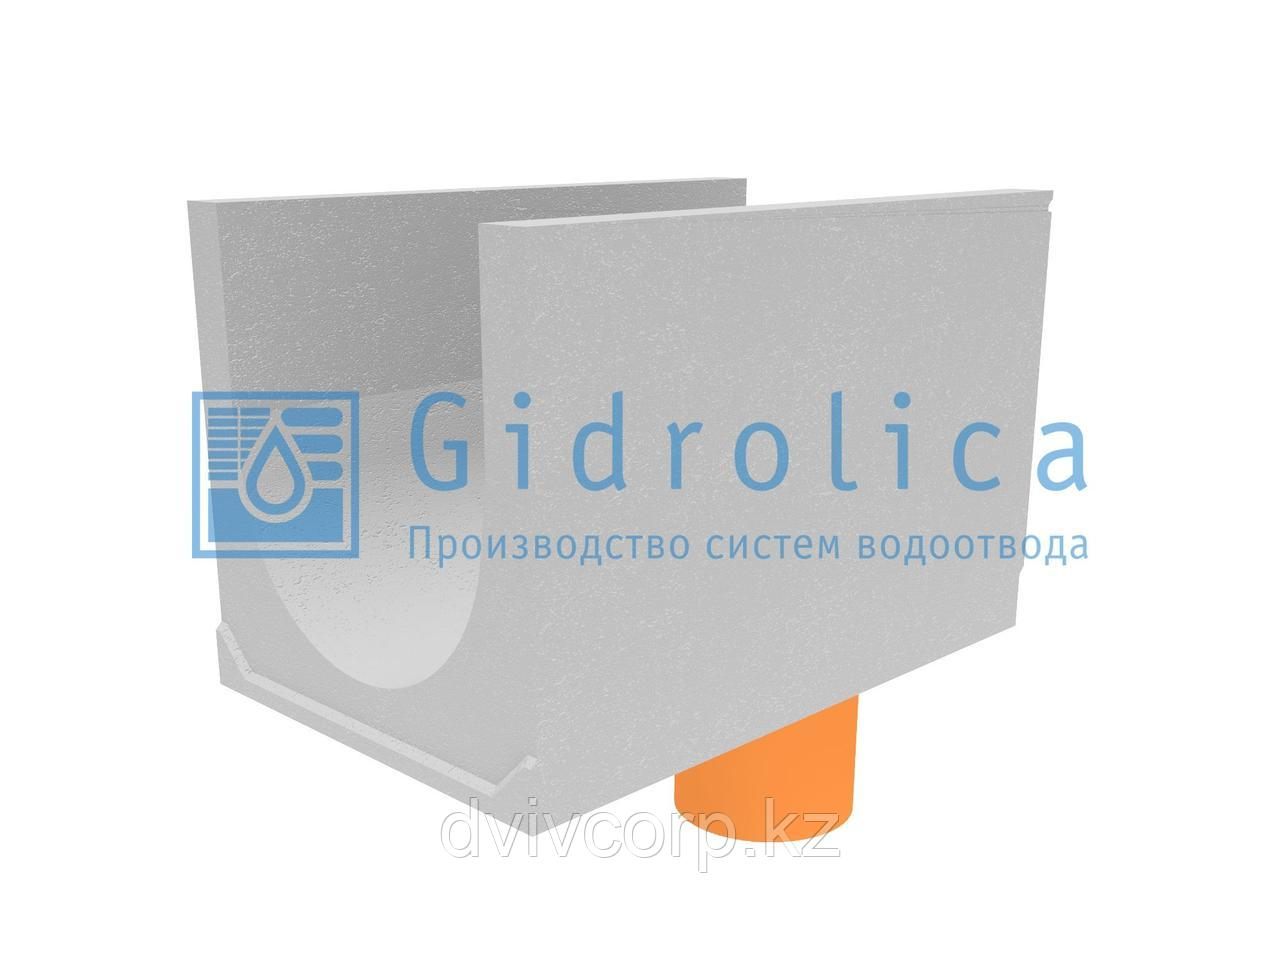 Лоток водоотводный бетонный коробчатый (СО-500мм), с водосливом КUв 100.65(50).65(56) - BGU-XL, № 40-0